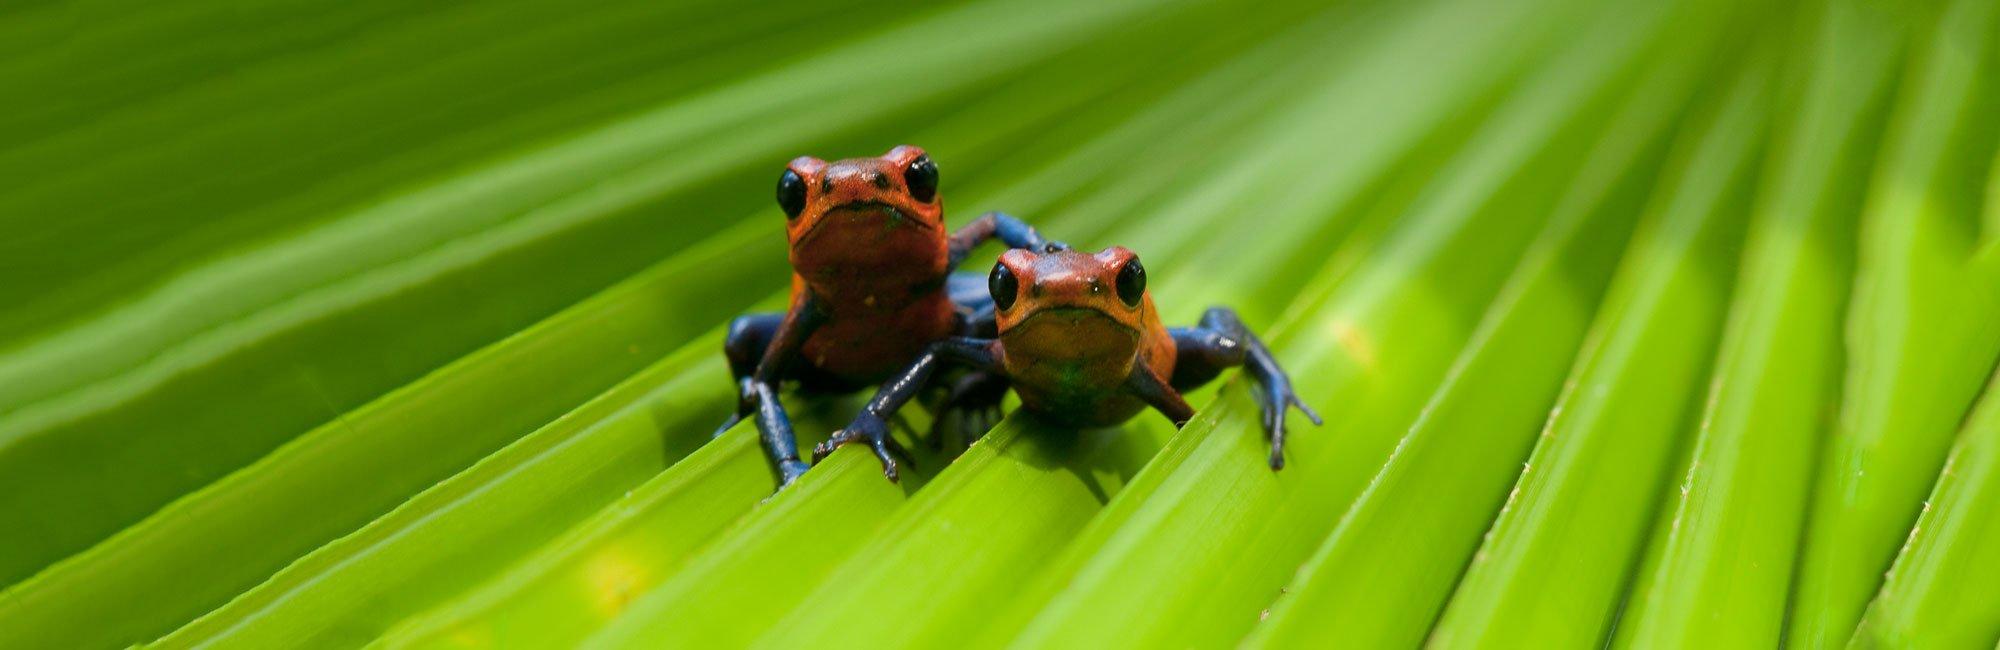 Blue-jeans-tree-frogs-by-Greg-Basco.jpg